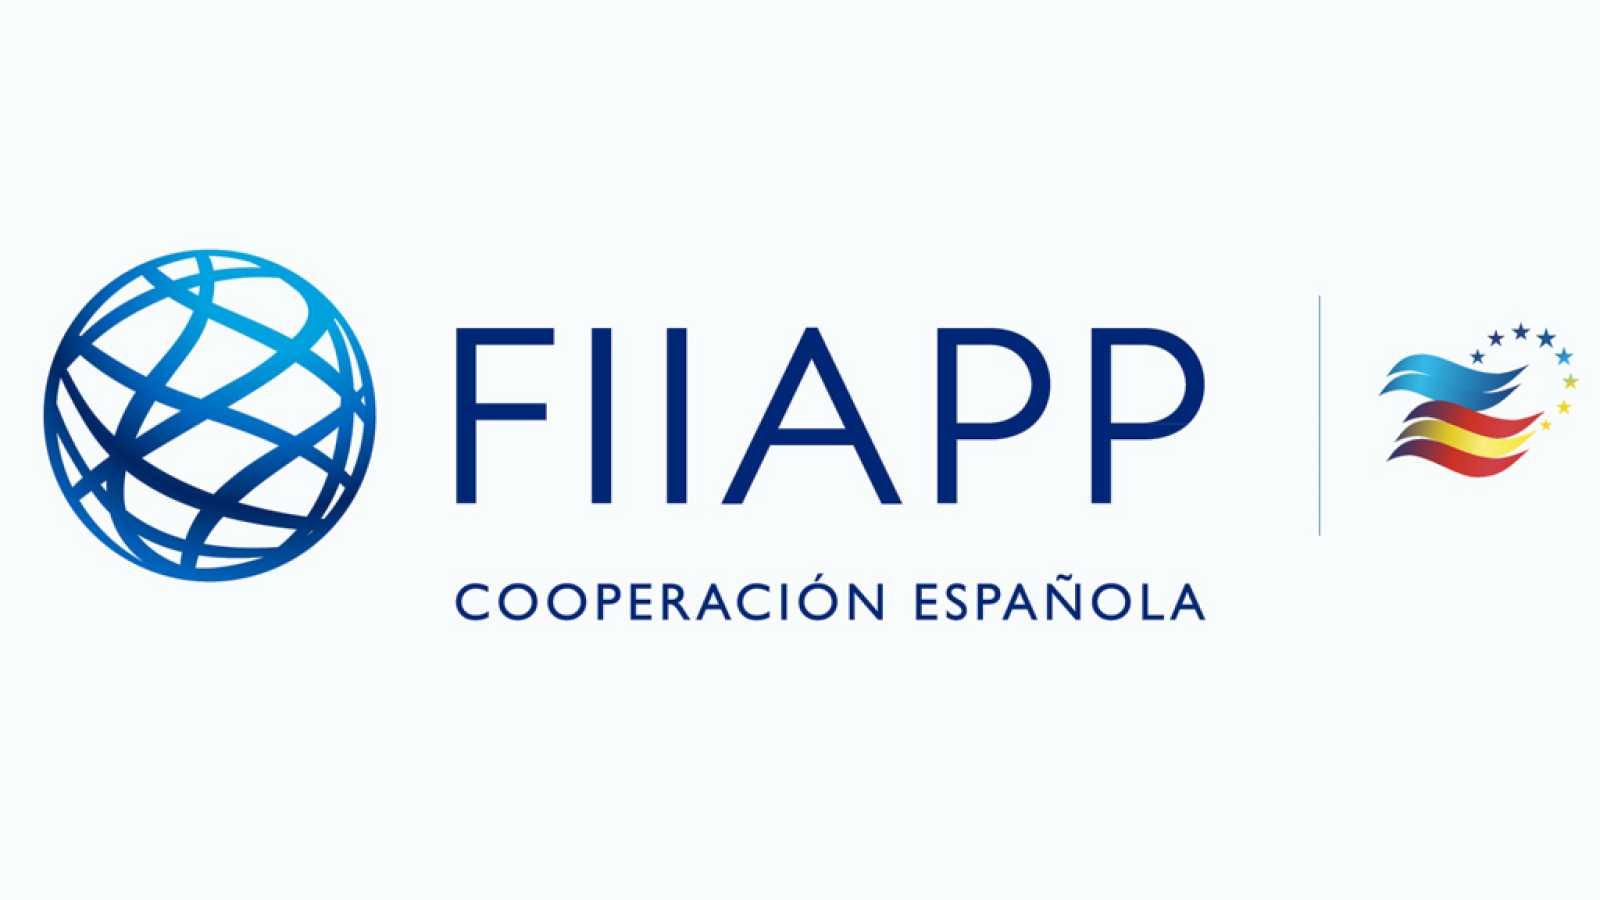 Cooperación pública en el mundo (FIIAPP) - El proyecto EUROsociAL+ en la República Dominicana - 16/12/20 - Escuchar ahora